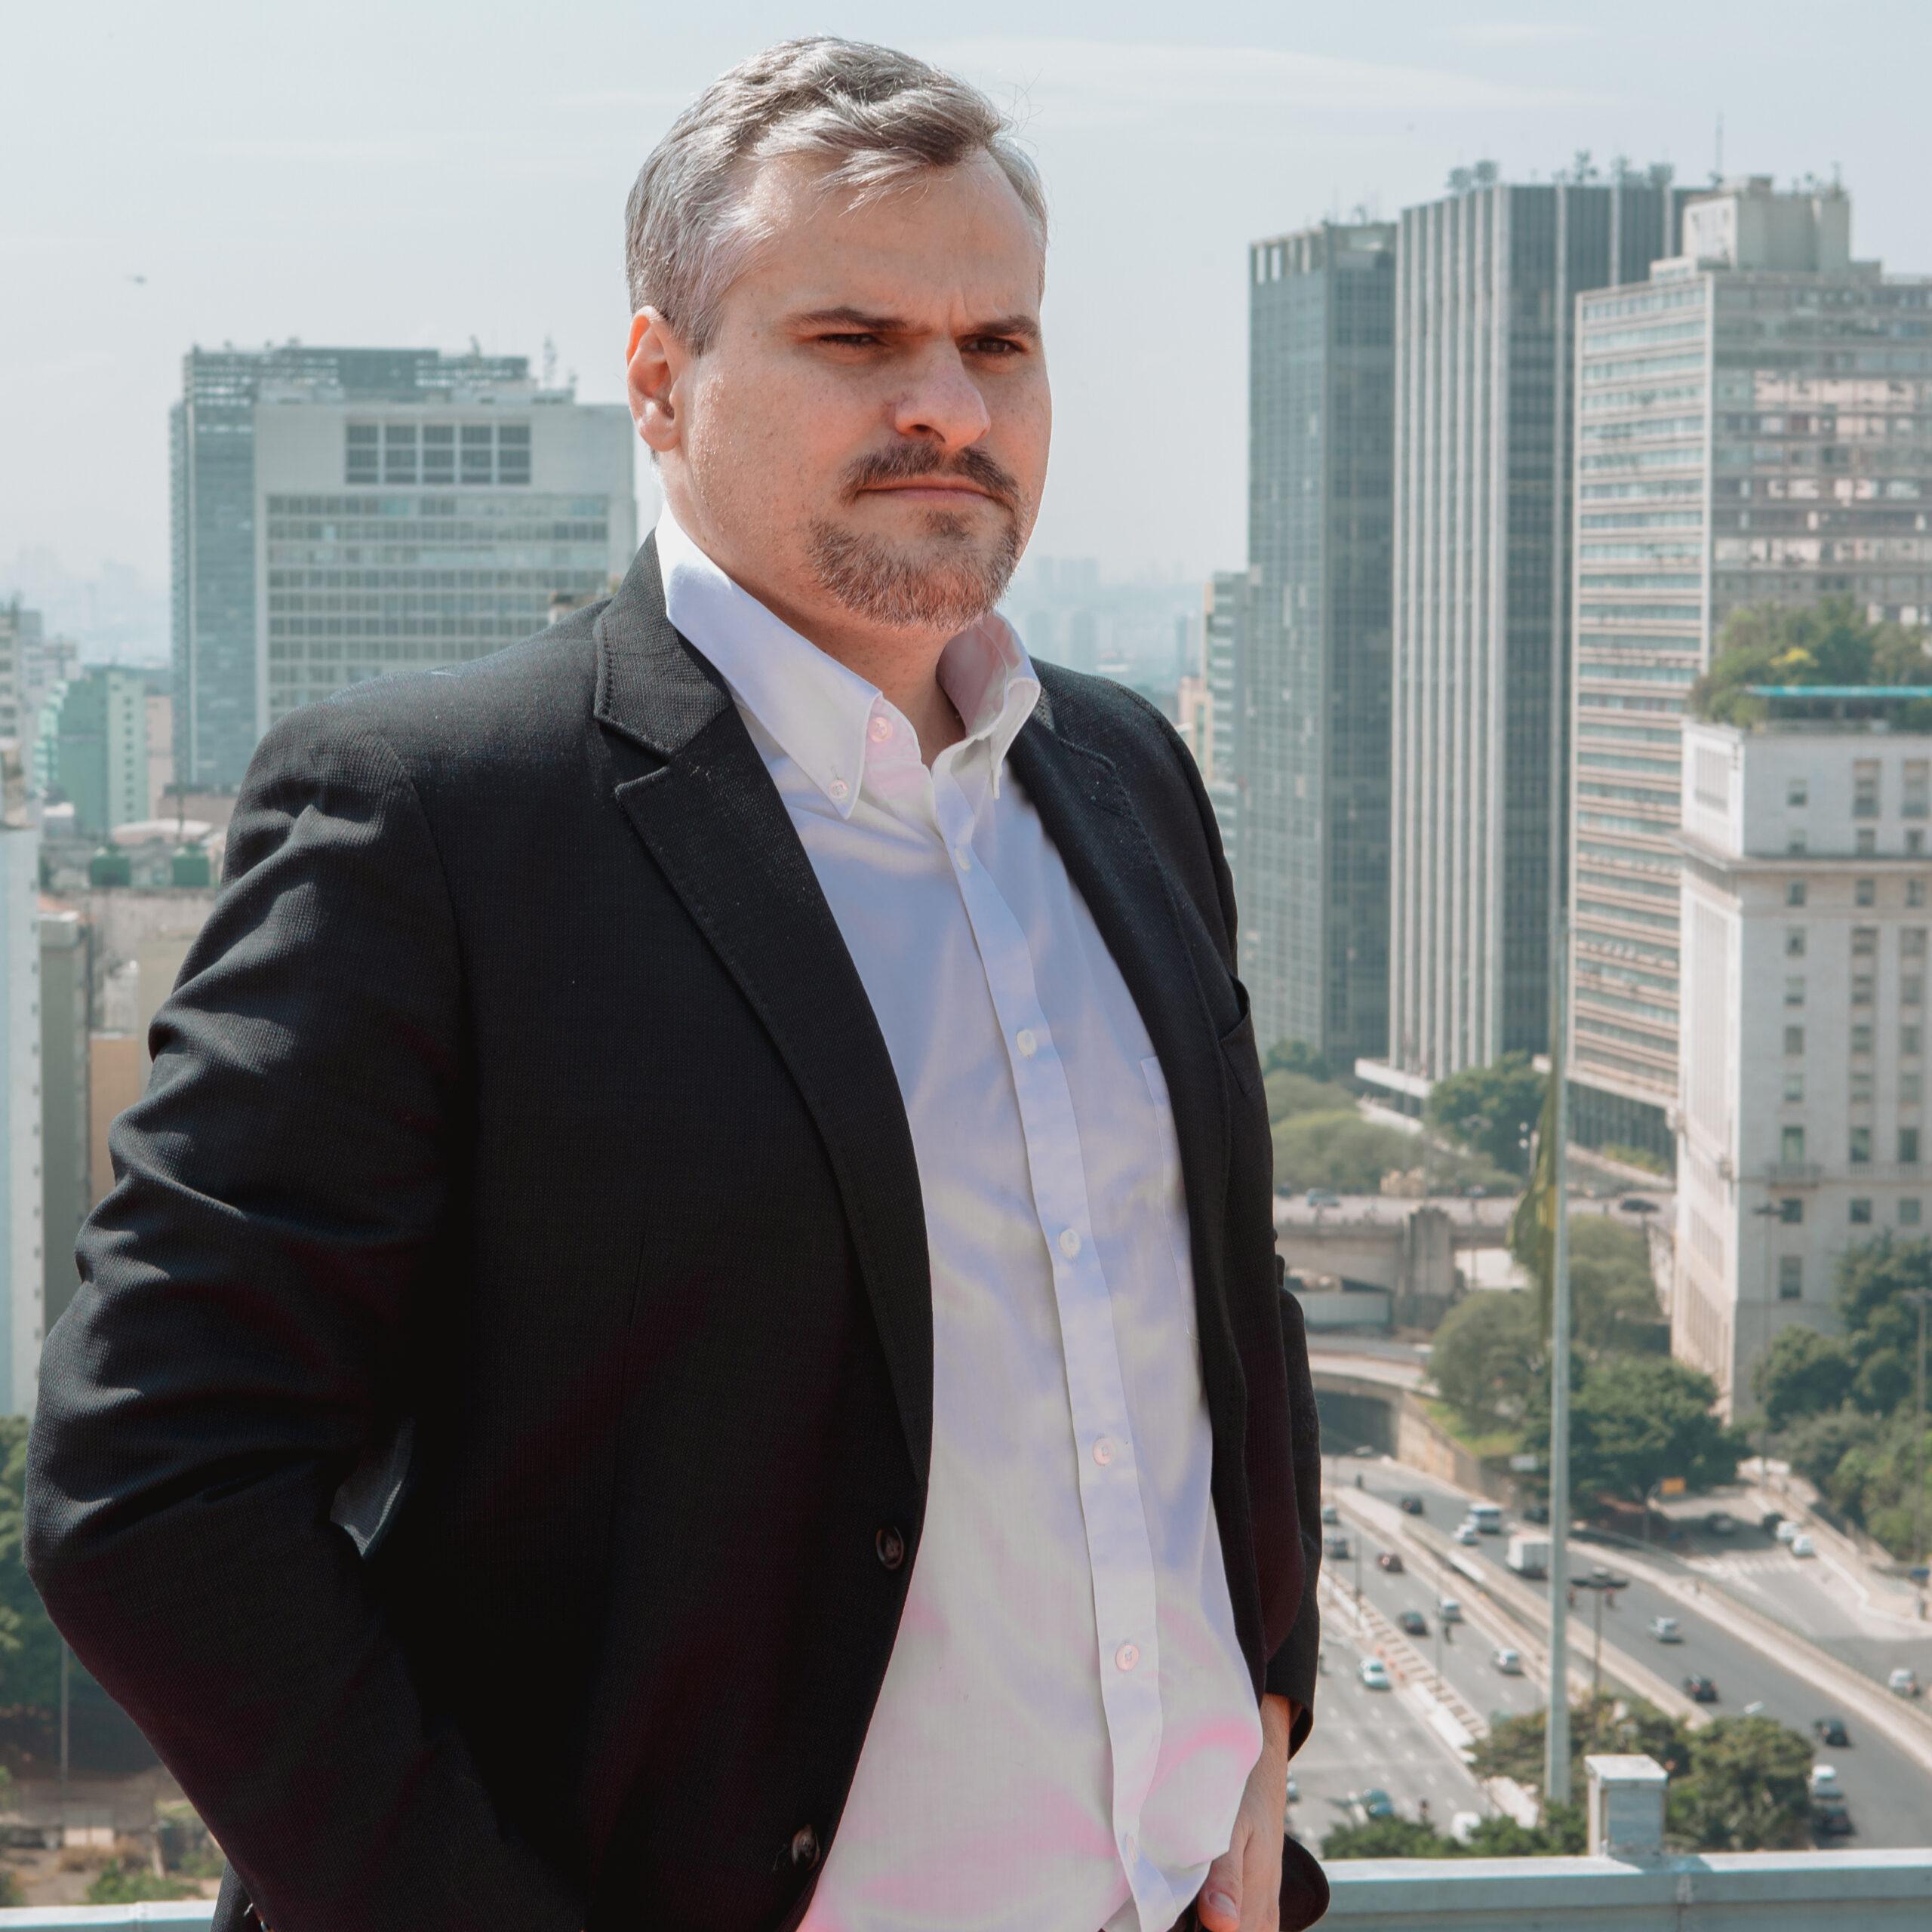 O vereador de São Paulo, Rinaldi Digilio, denunciou a má utilização do dinheiro público no Hospital Municipal de Campanha do Anhembi